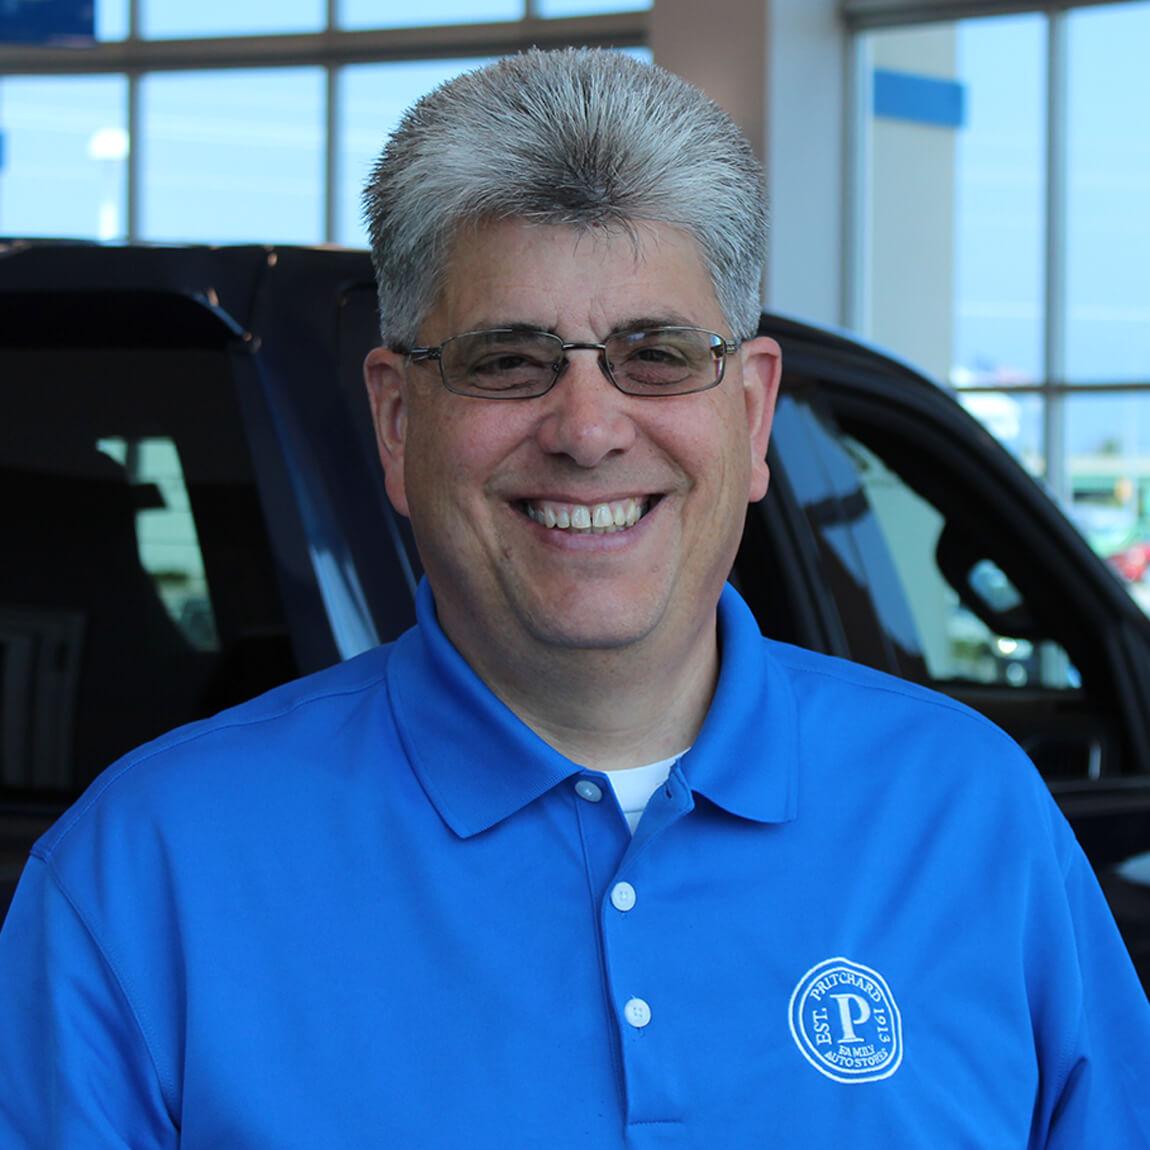 Todd Meyer